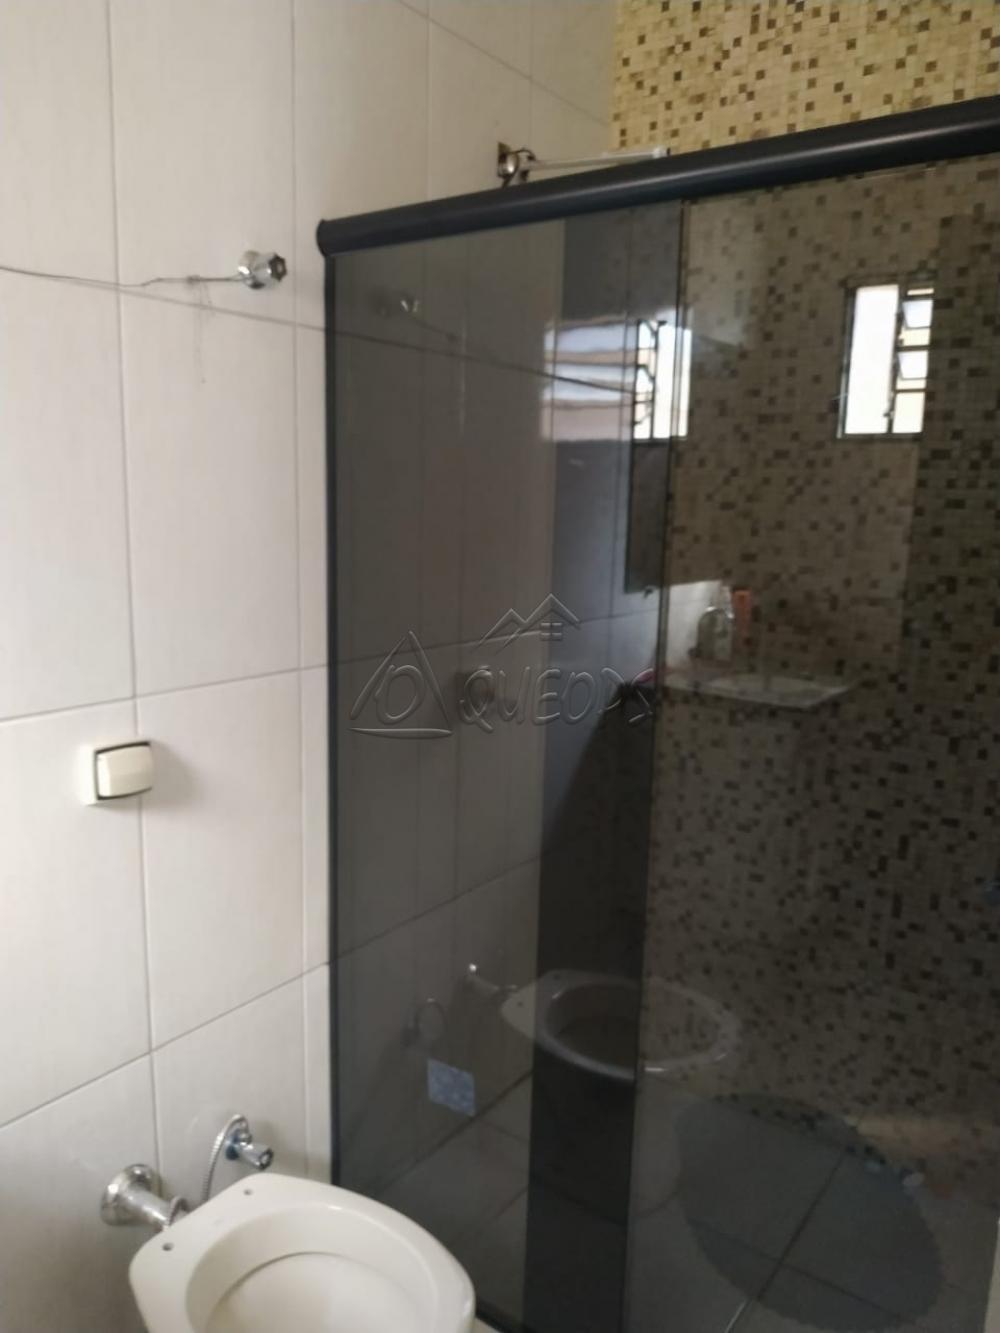 Comprar Casa / Padrão em Barretos apenas R$ 280.000,00 - Foto 13